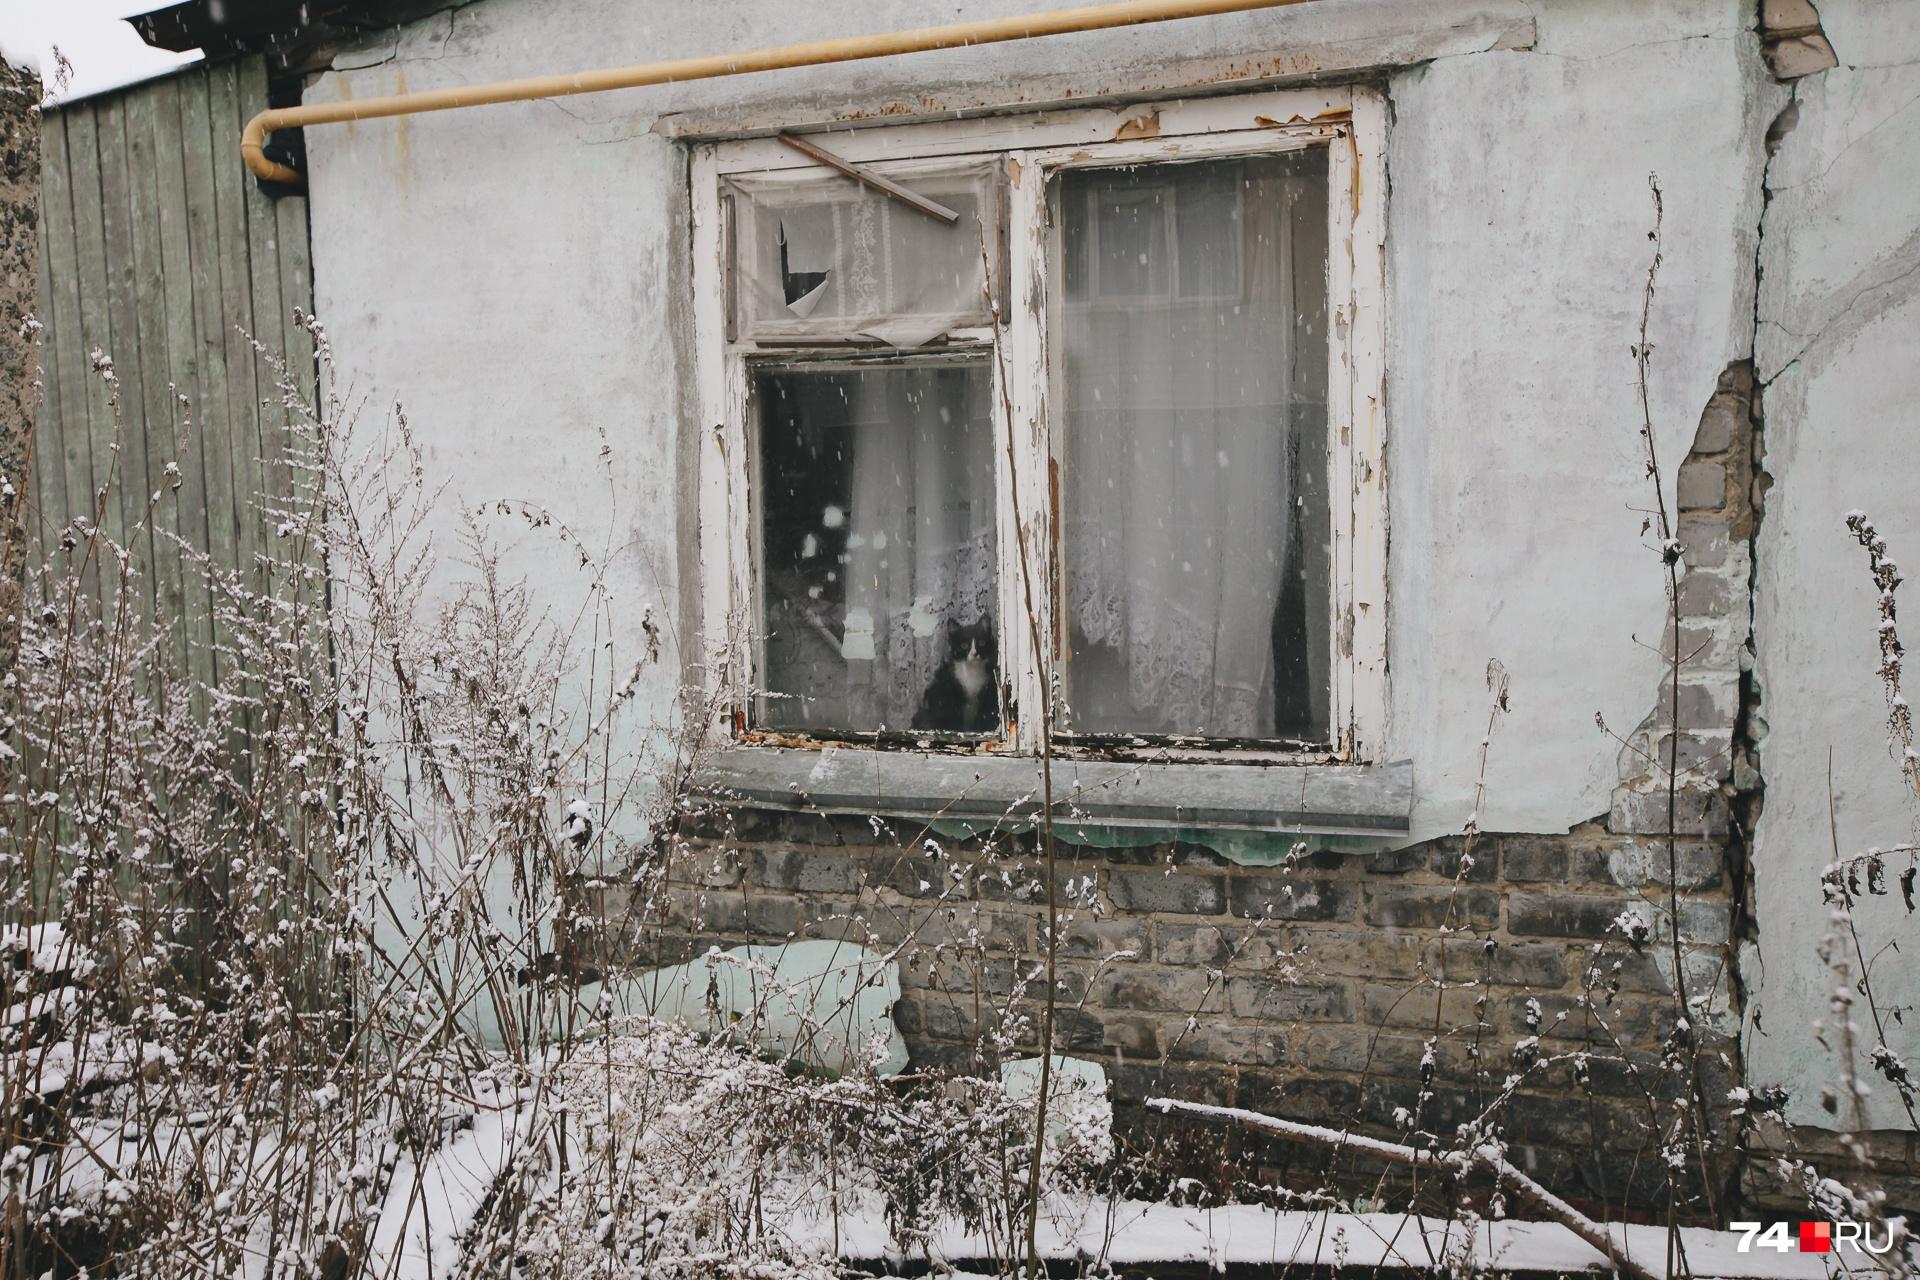 Похоже, в Челябинске сгнили не только дома, но и система, которая должна помогать людям